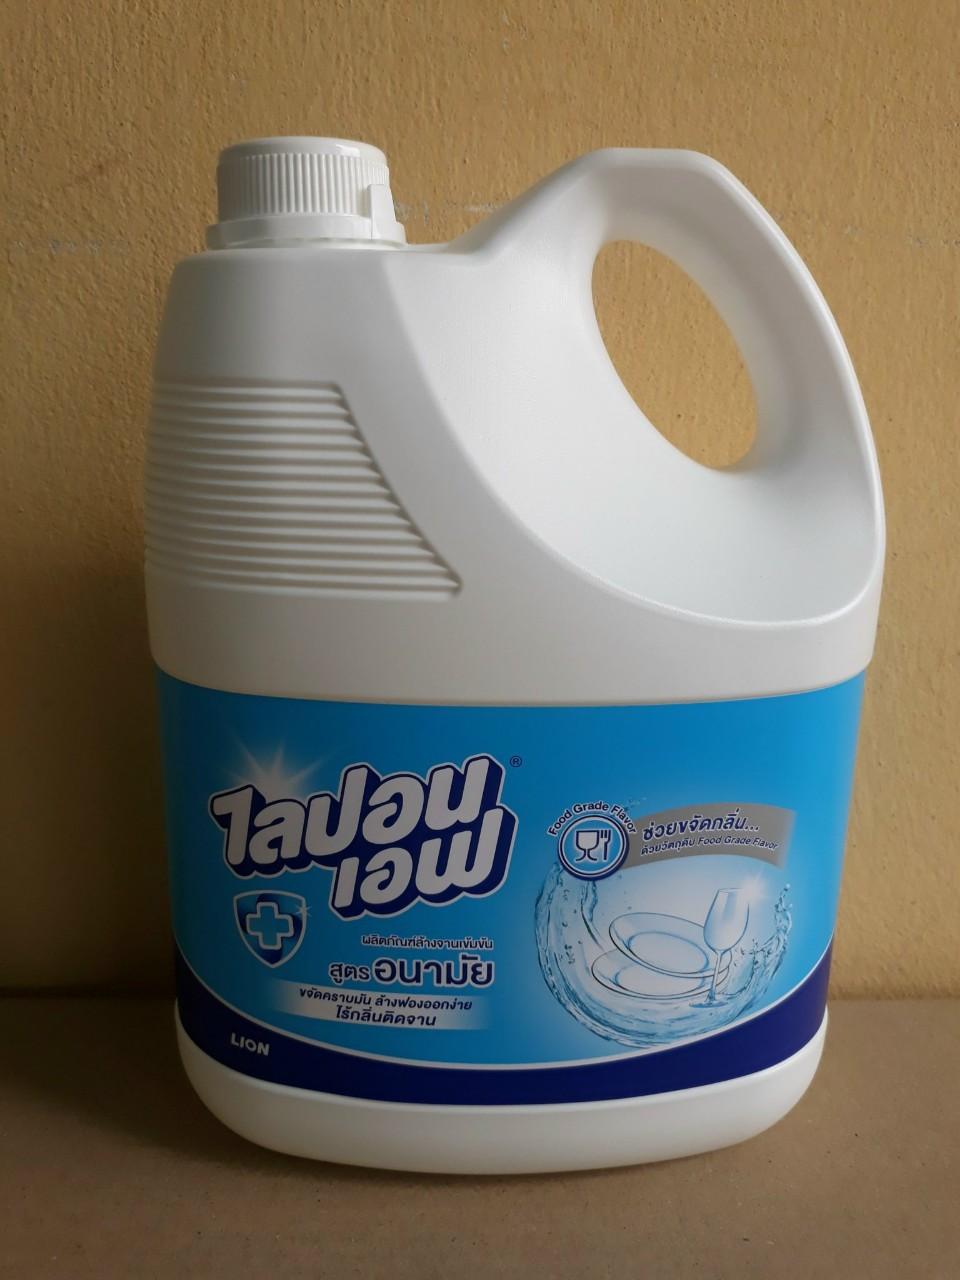 Nước rửa ly tách Lipon F 3600ml